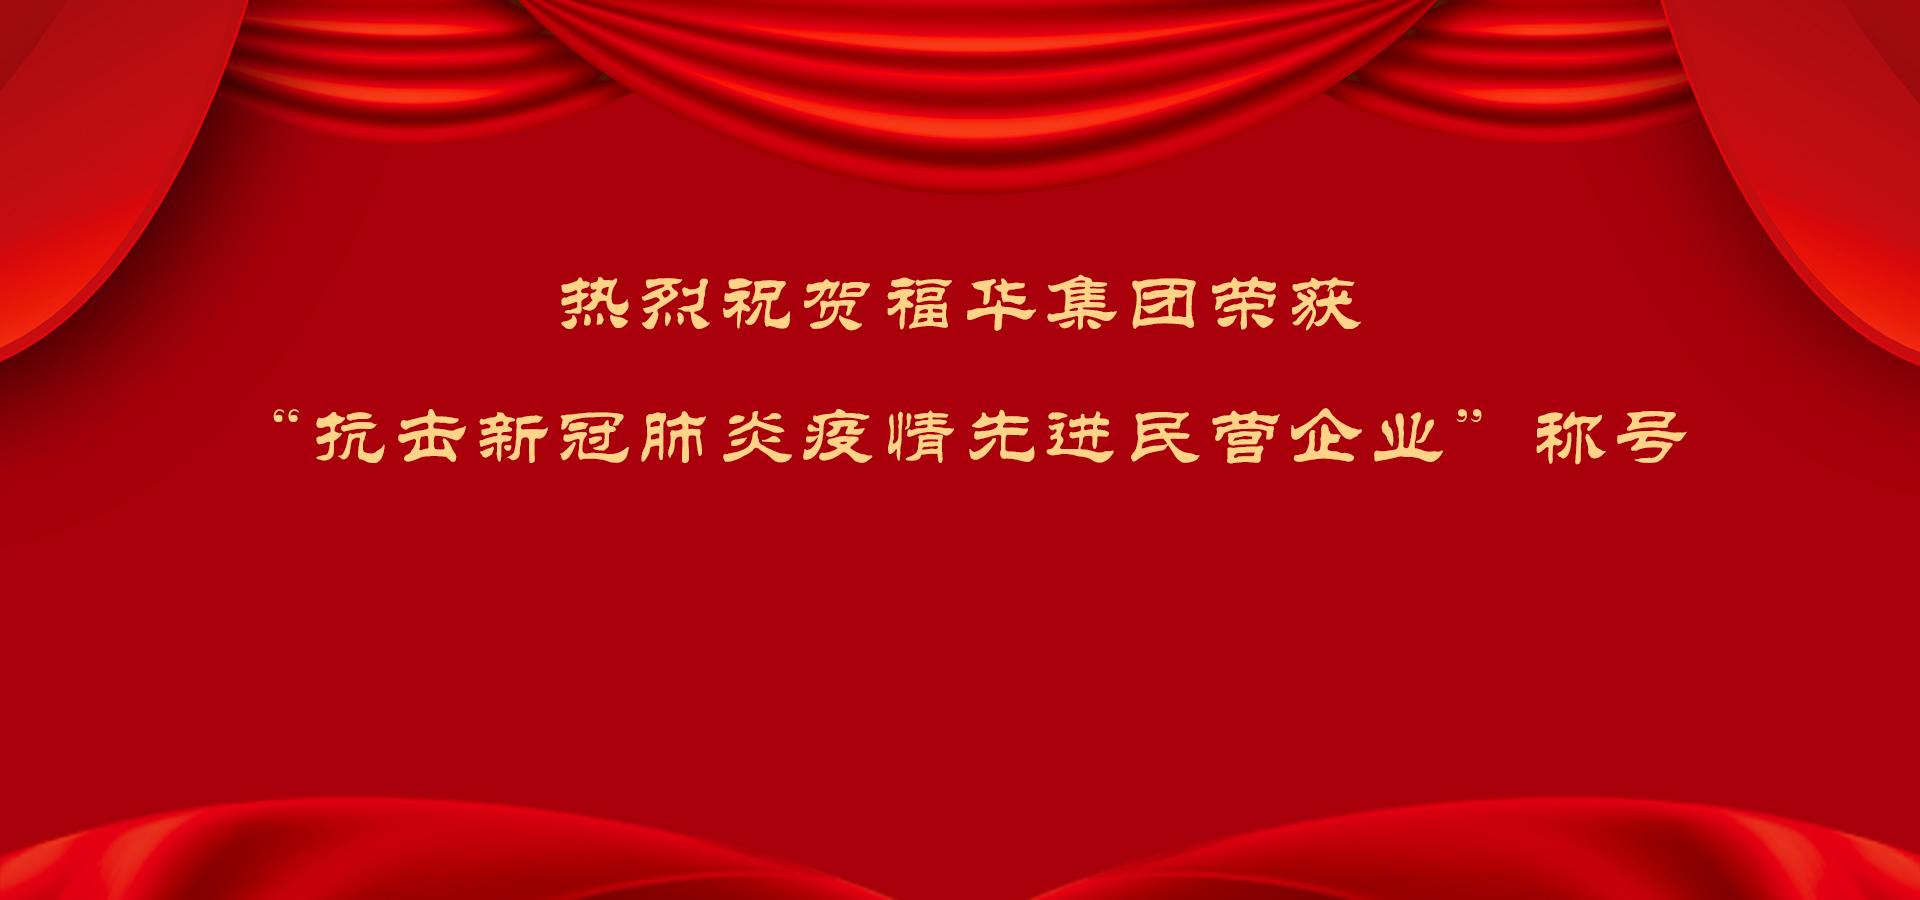 """热烈祝贺福华集团荣获""""抗击新冠肺炎疫情先进民营企业""""称号"""